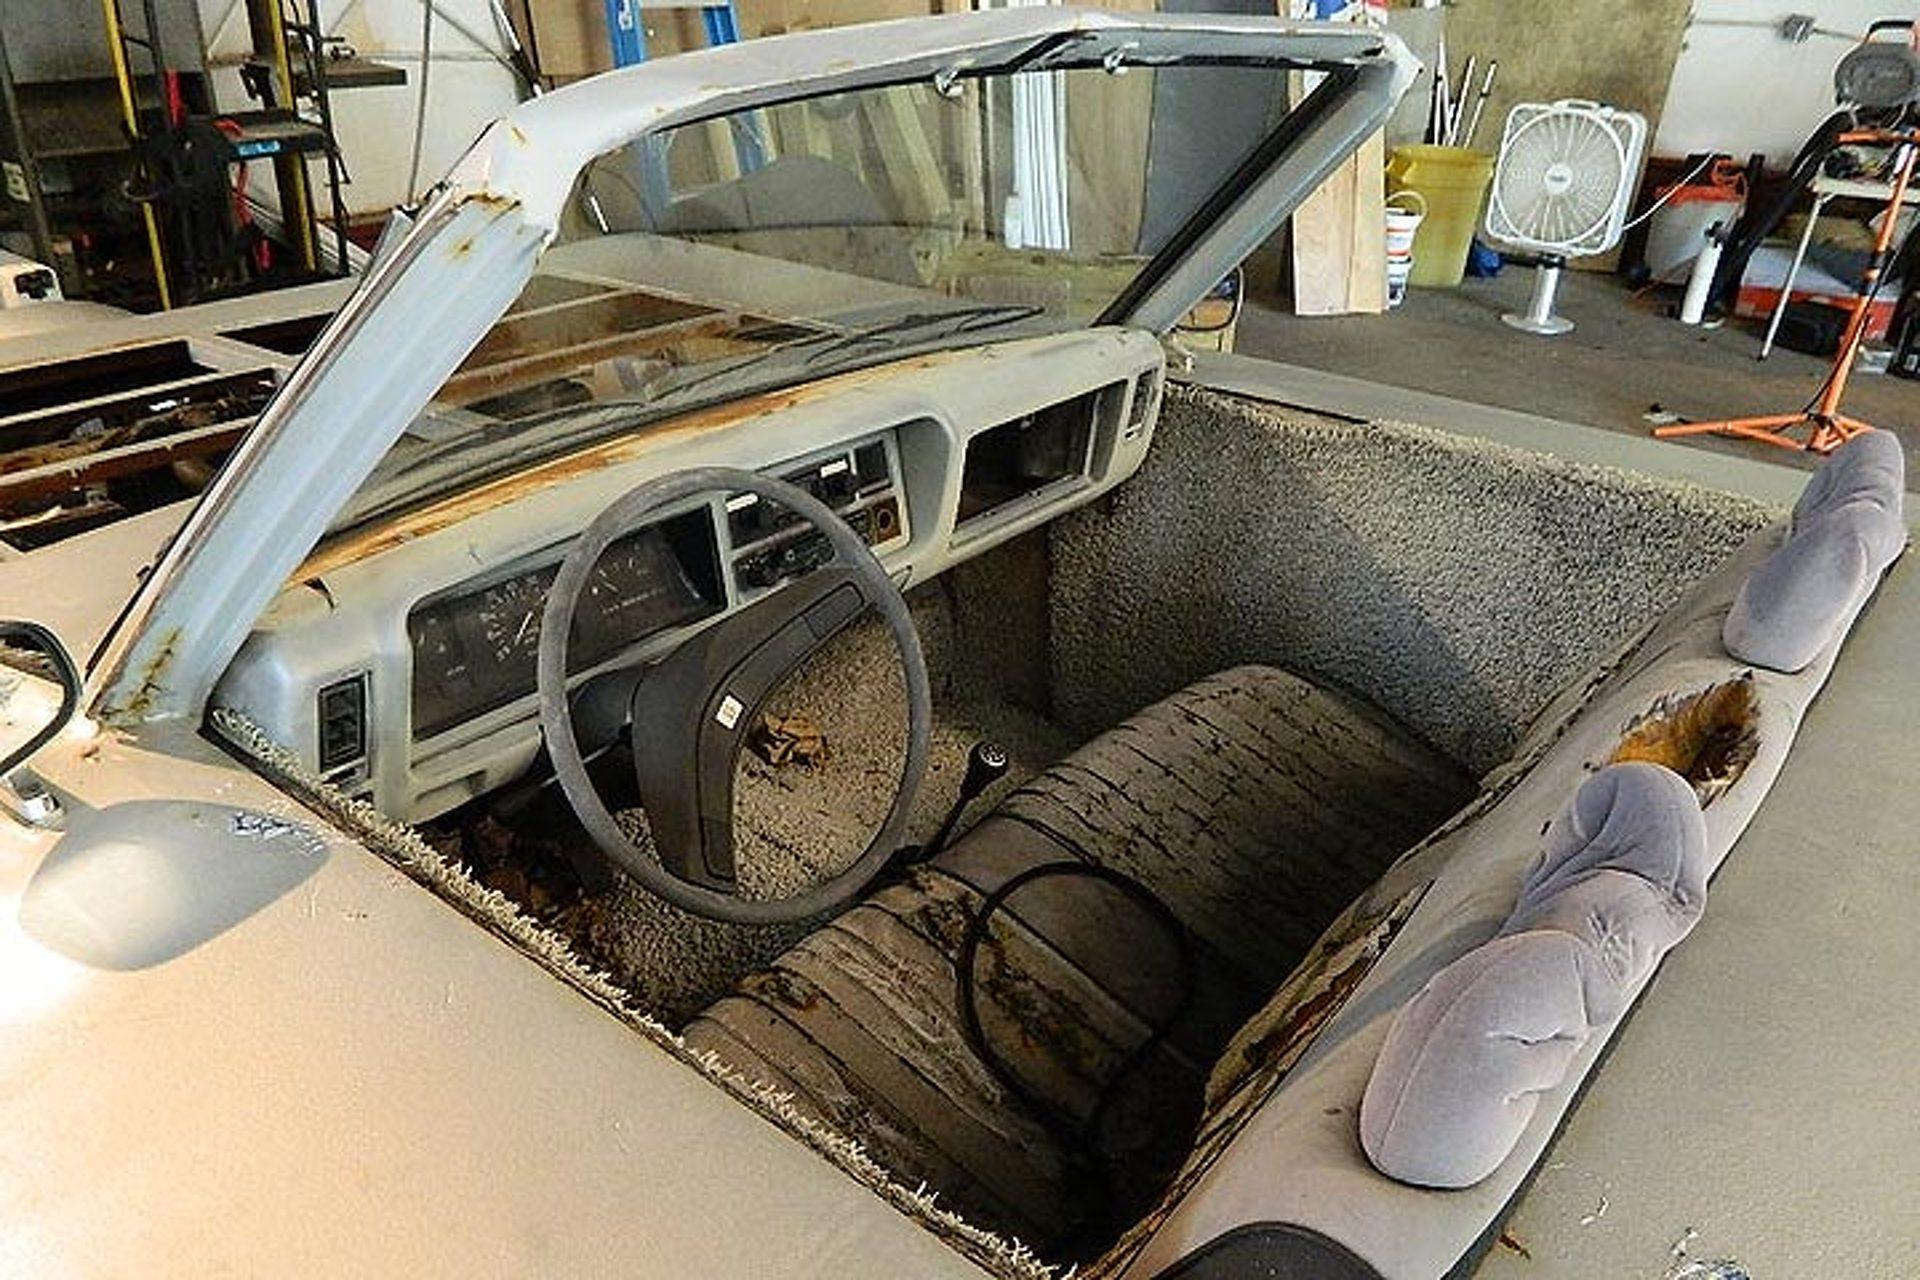 Meet the Car That's Shaped Like a Meineke Muffler